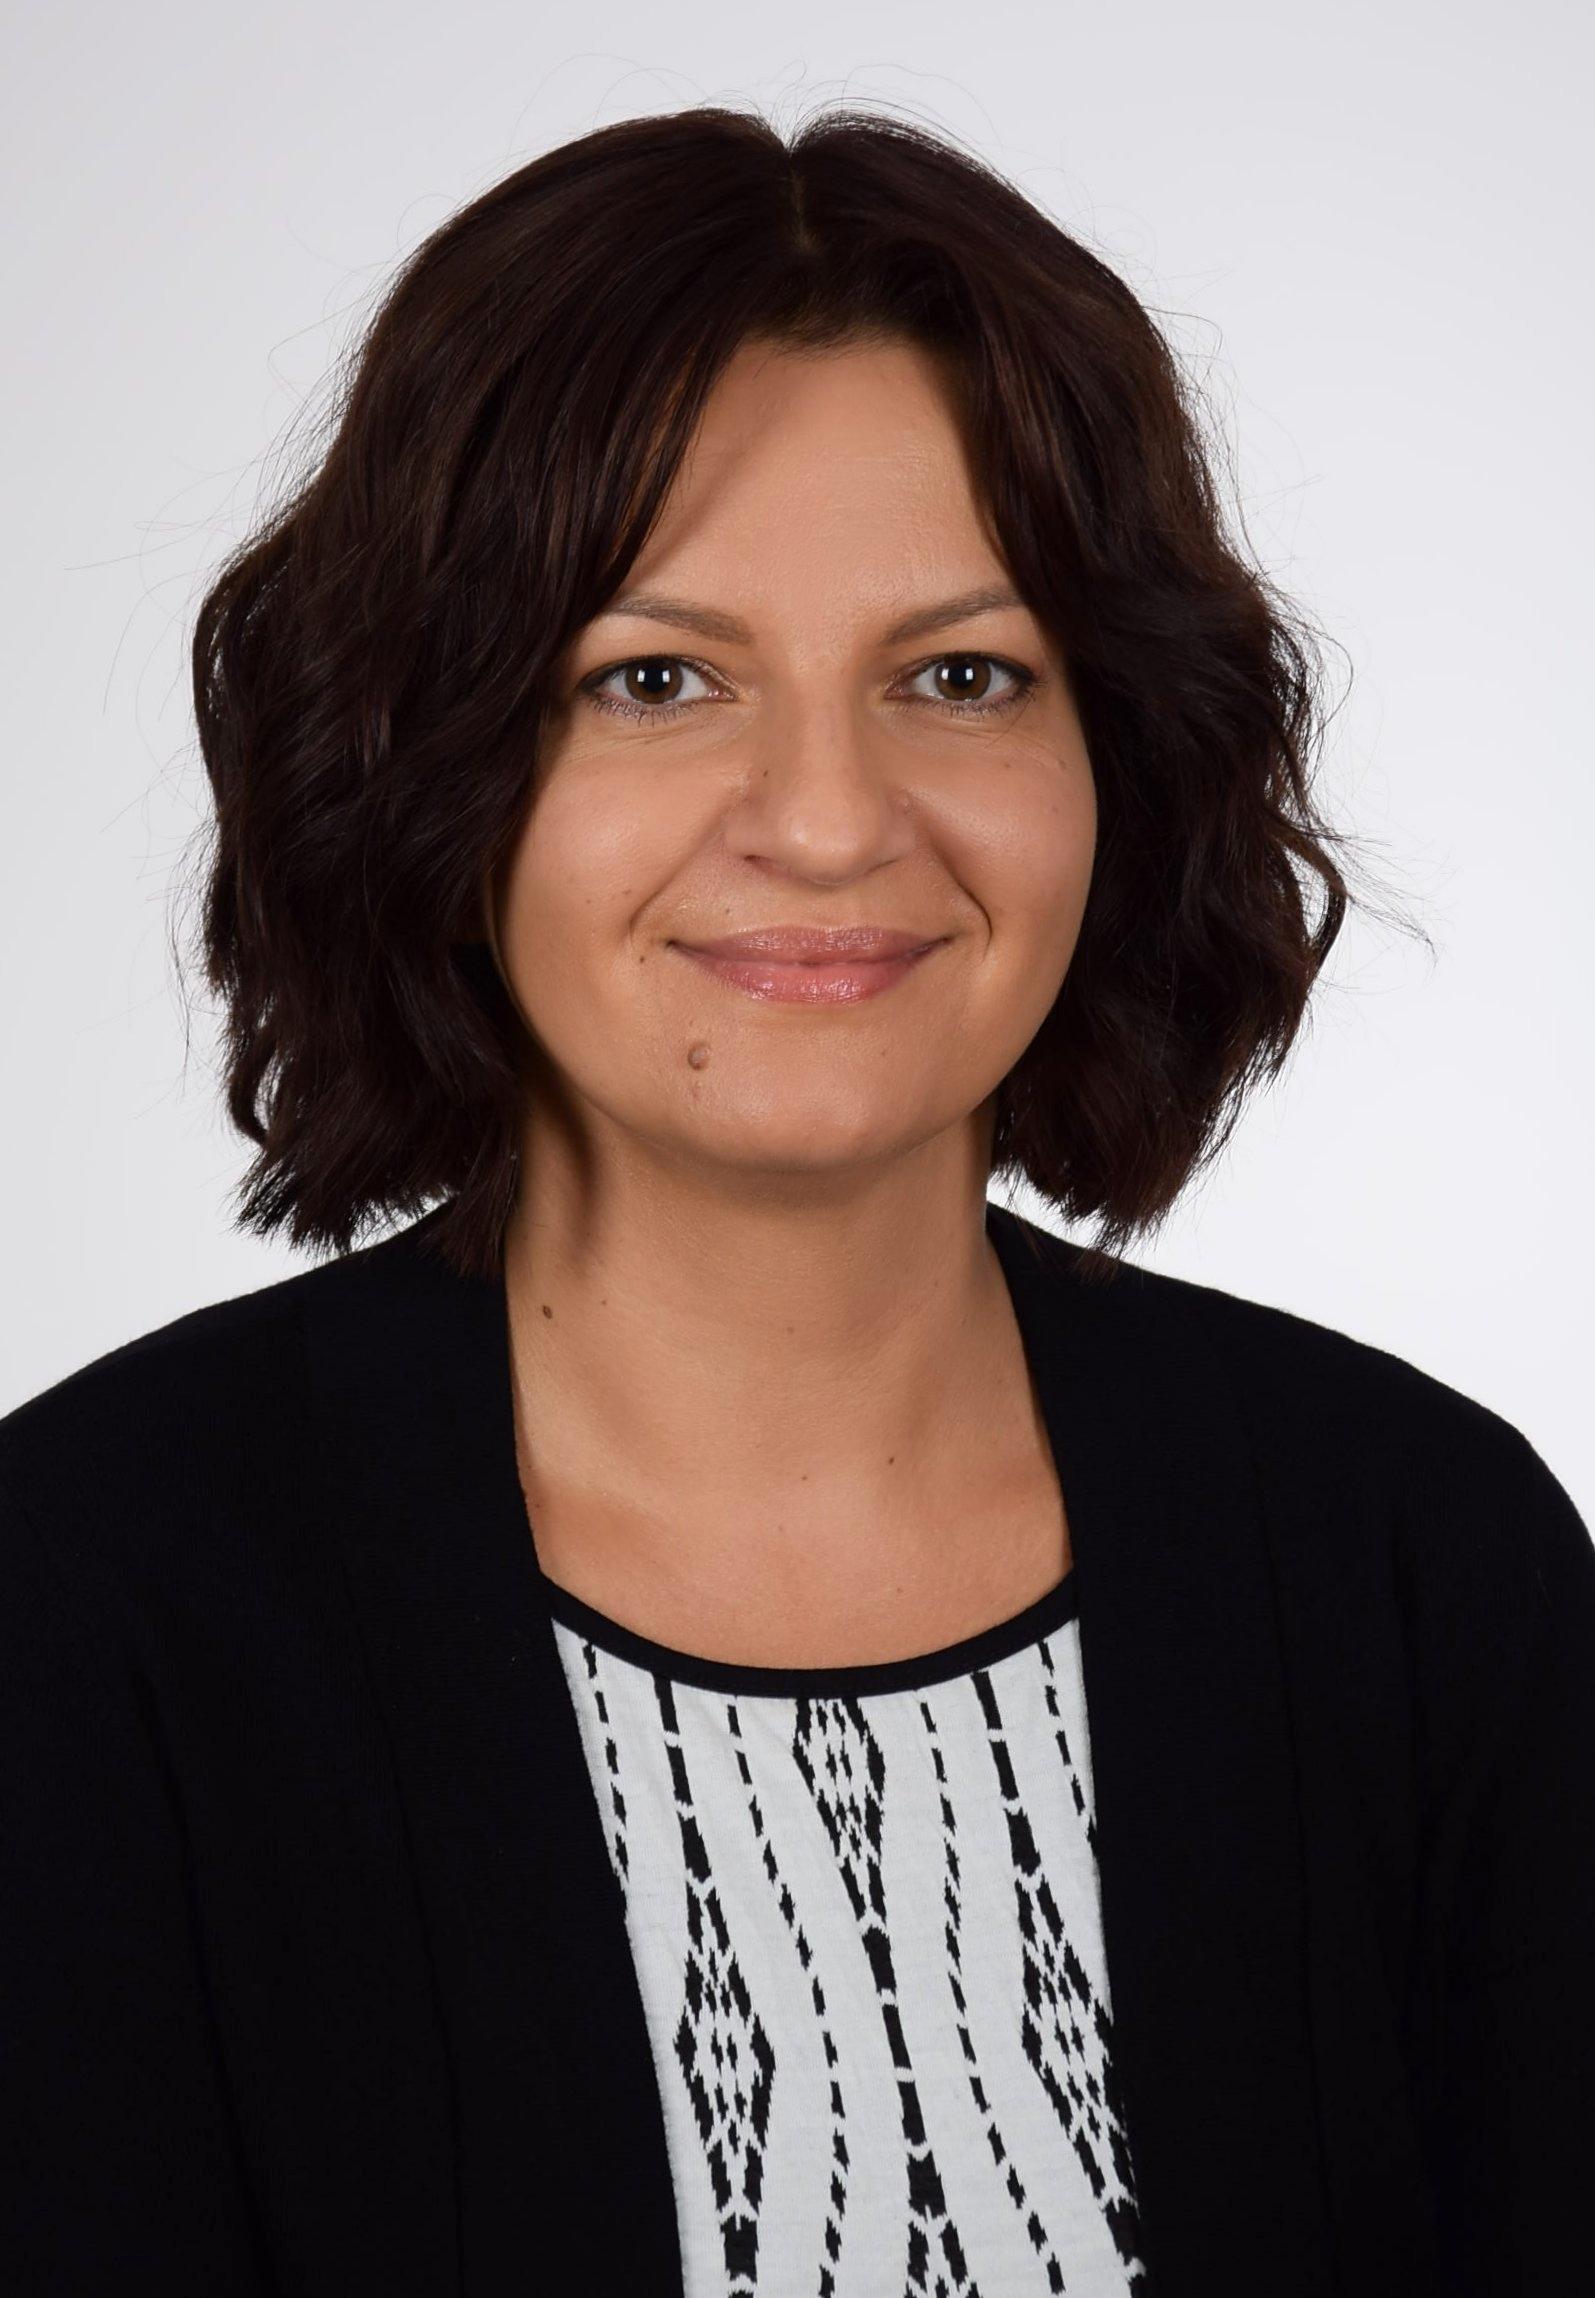 Kamila Kharebashvili